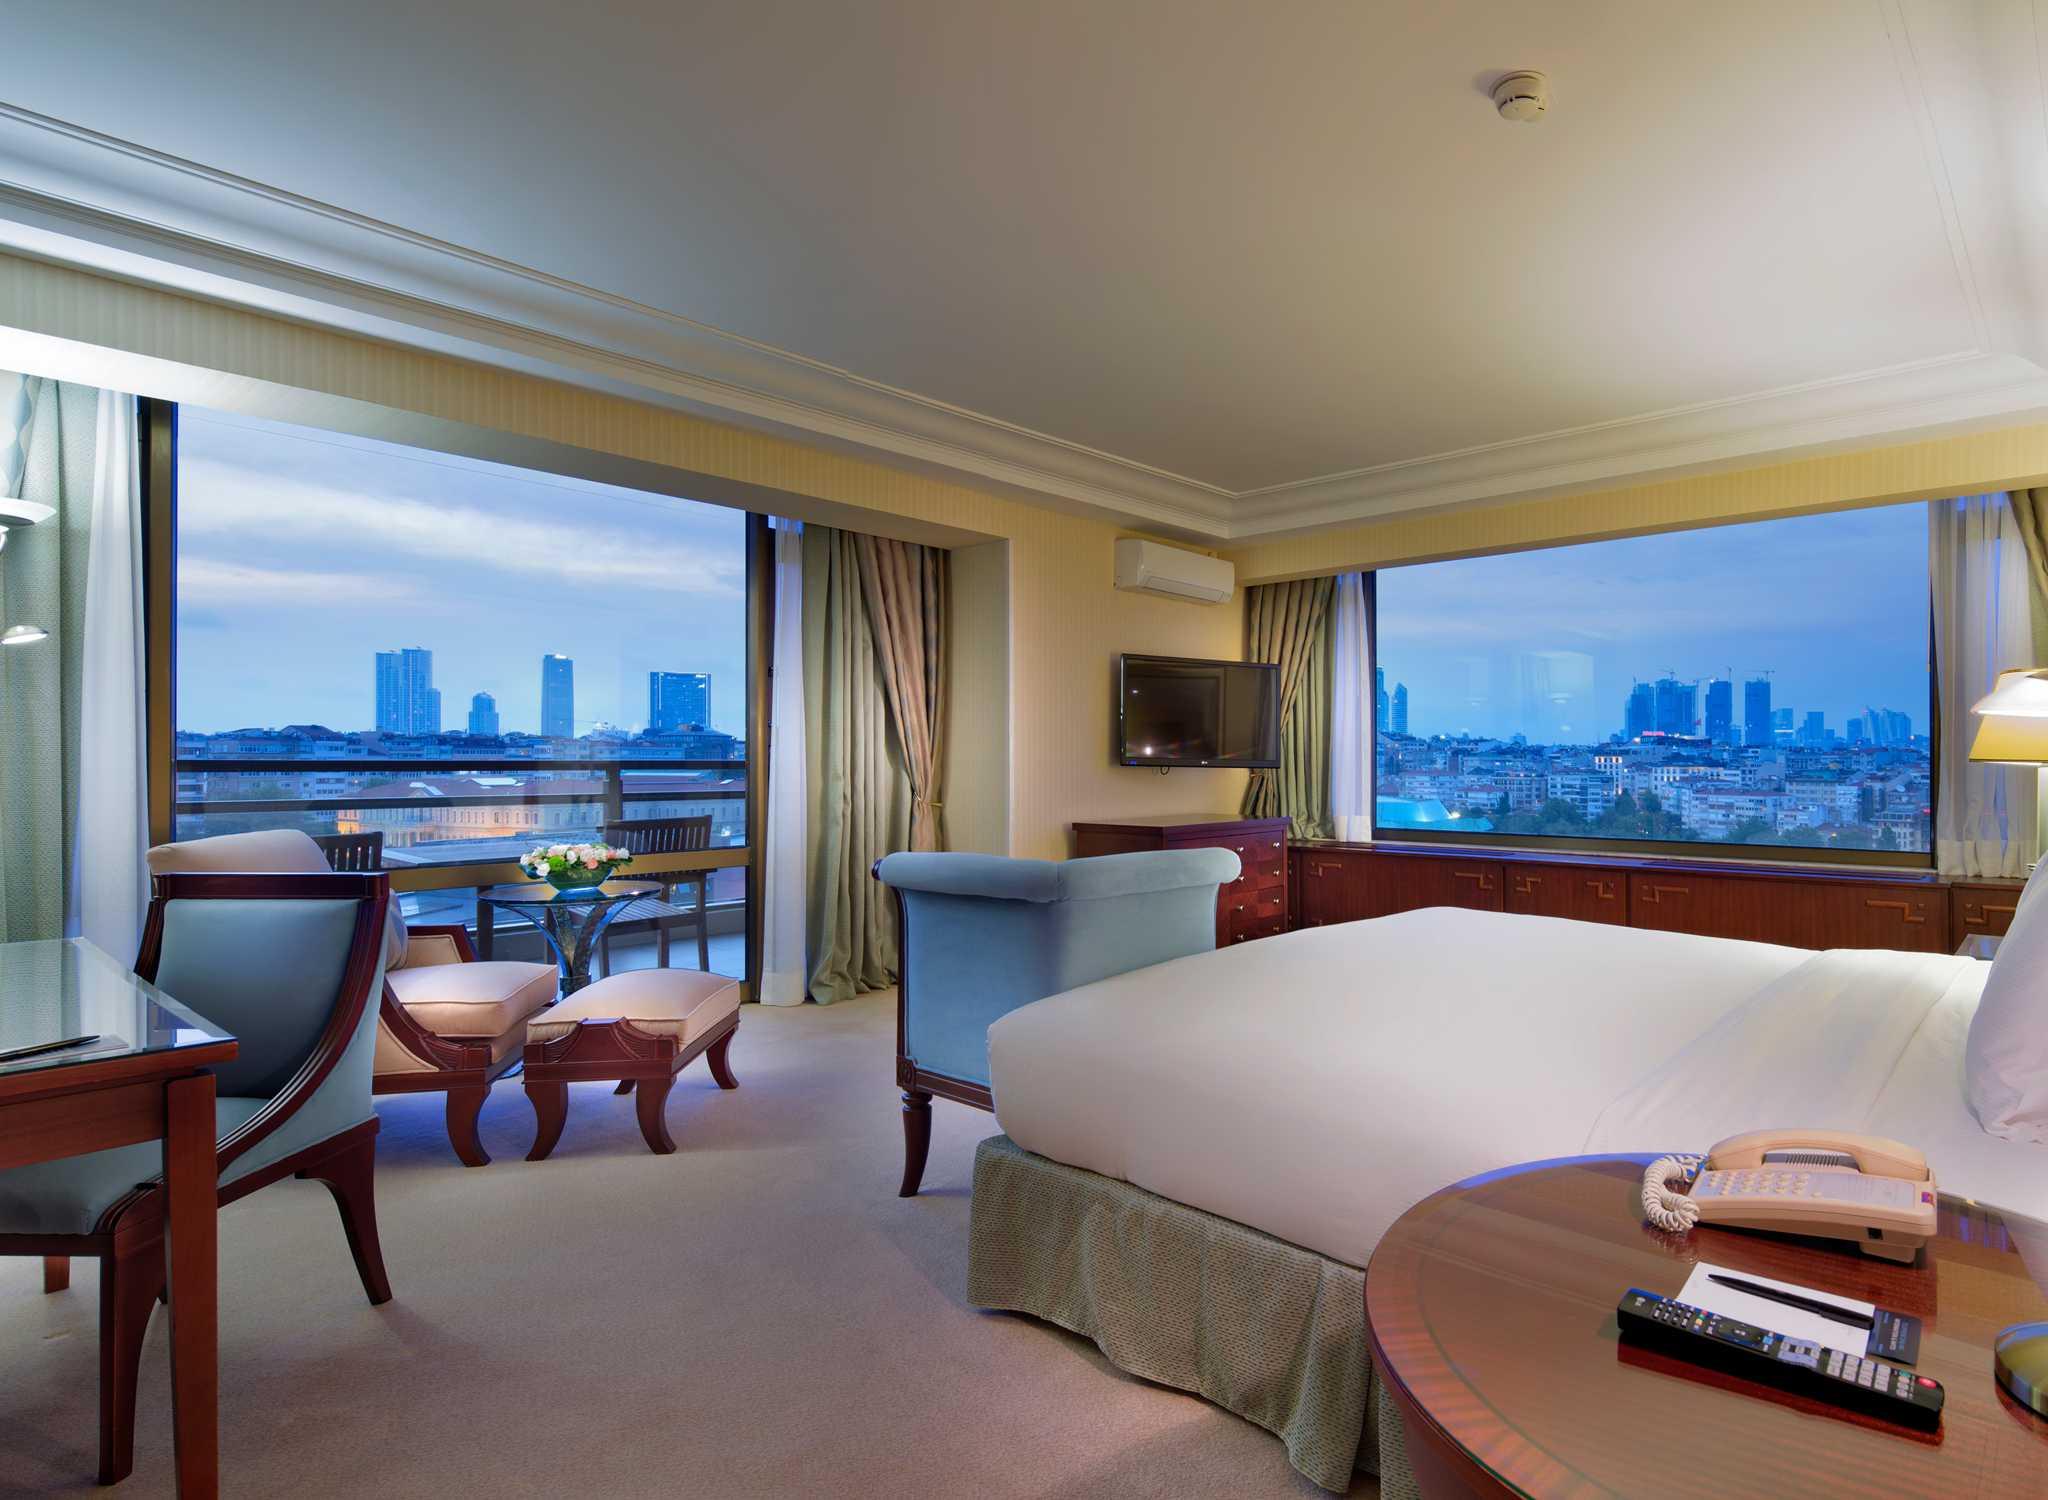 Hôtels De Luxe à Istanbul Turquie Hôtel Hilton Istanbul Bosphorus - Tres grand lit design